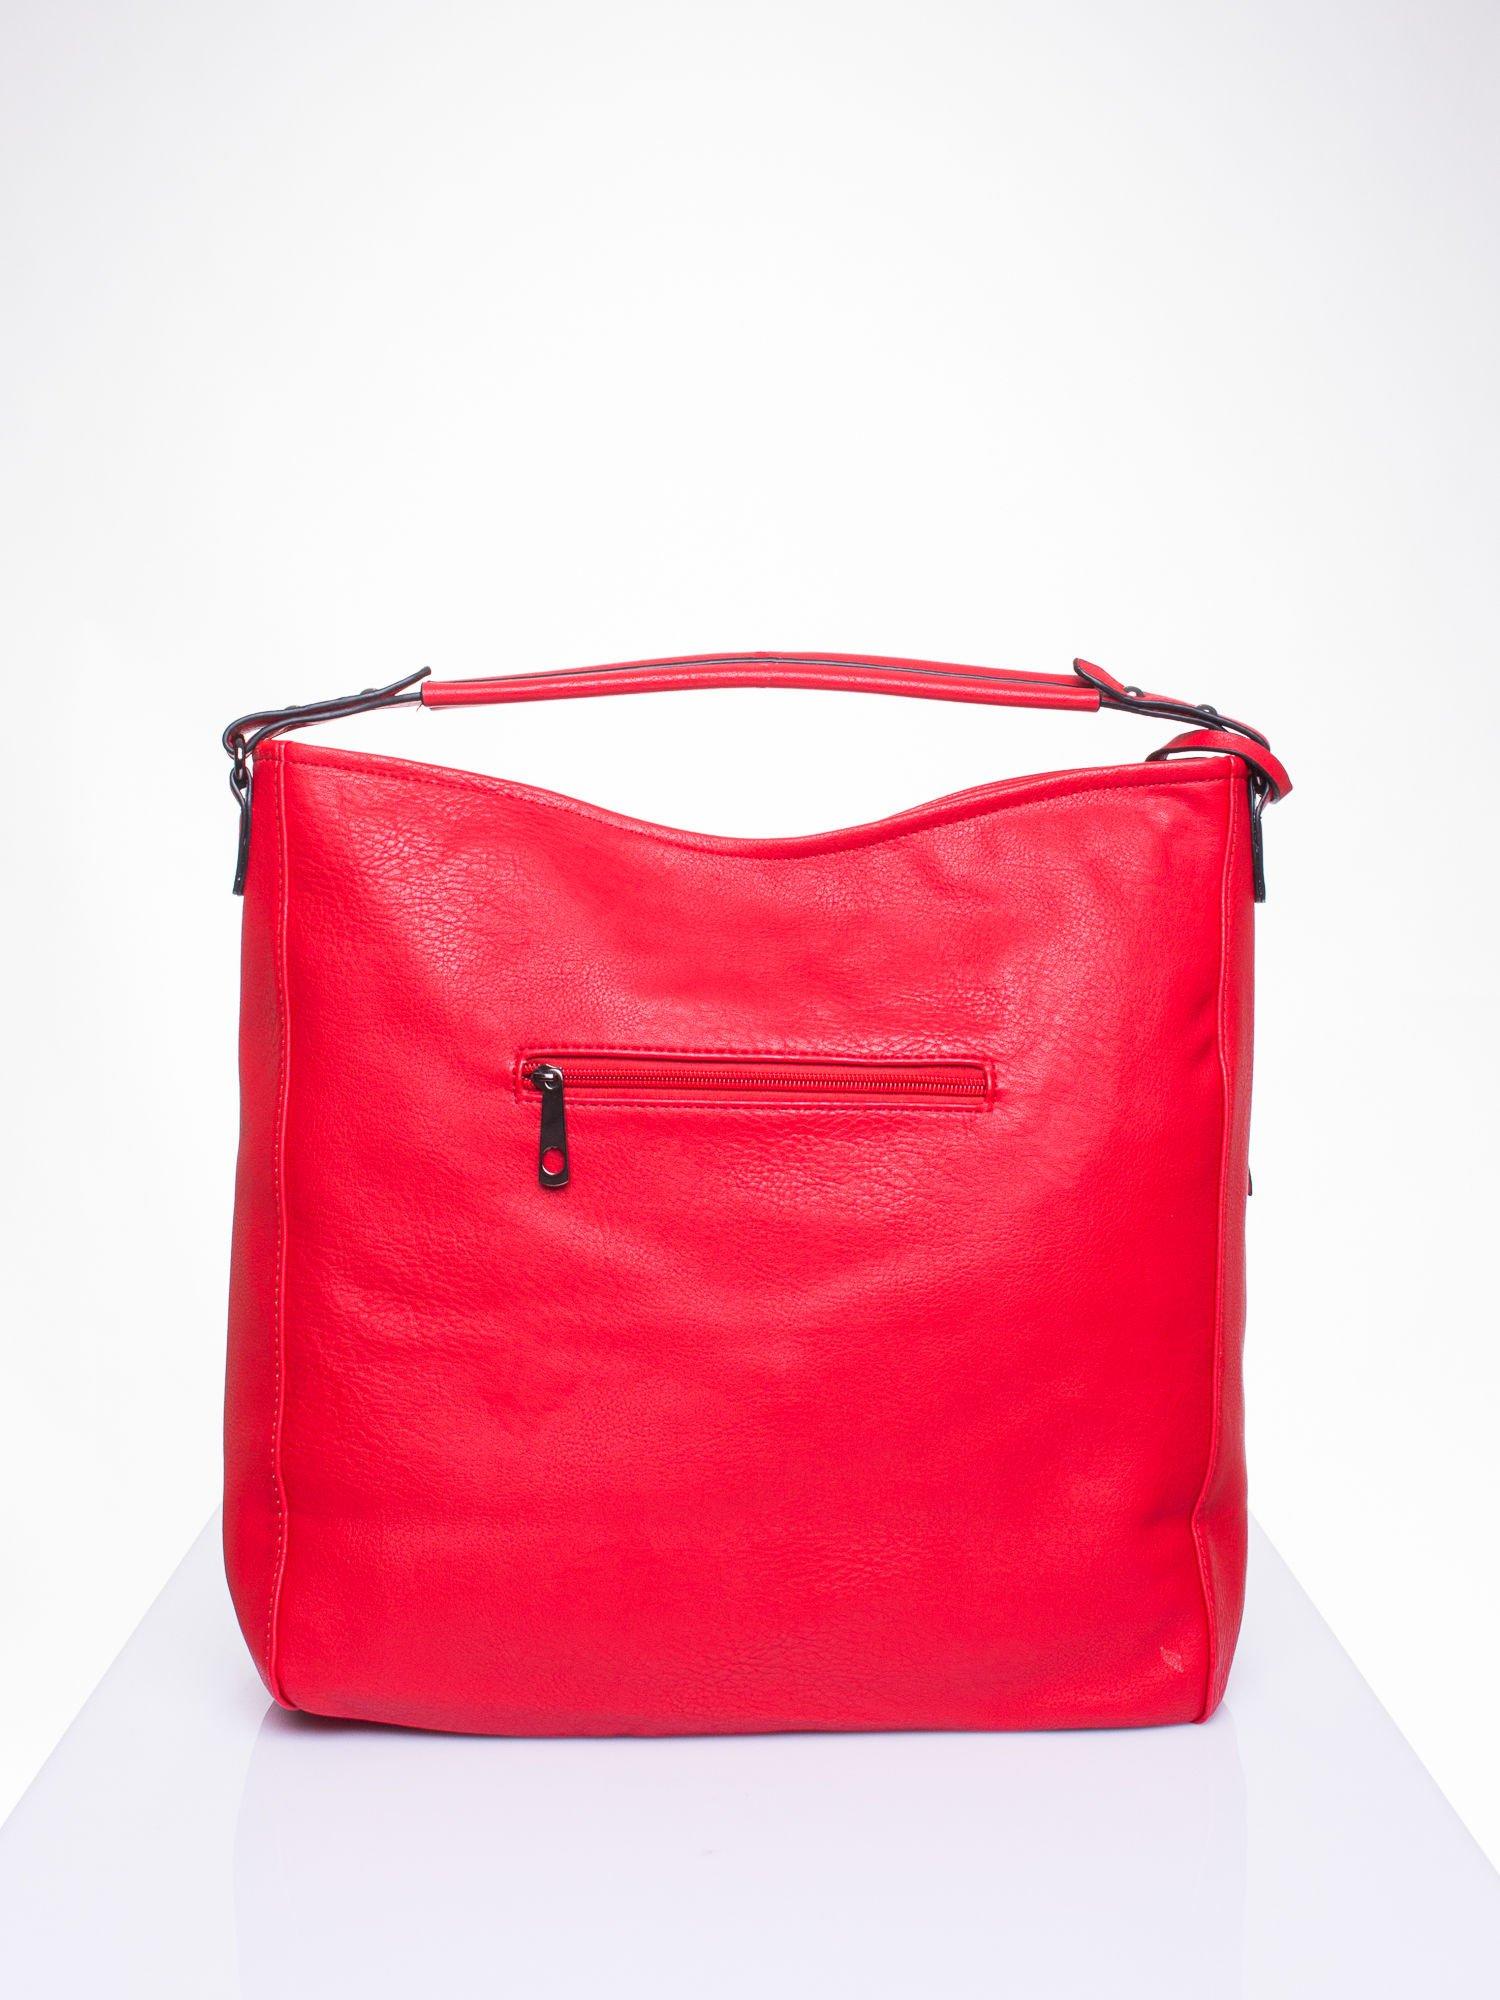 Czerwona torba hobo z suwakami po bokach                                  zdj.                                  3